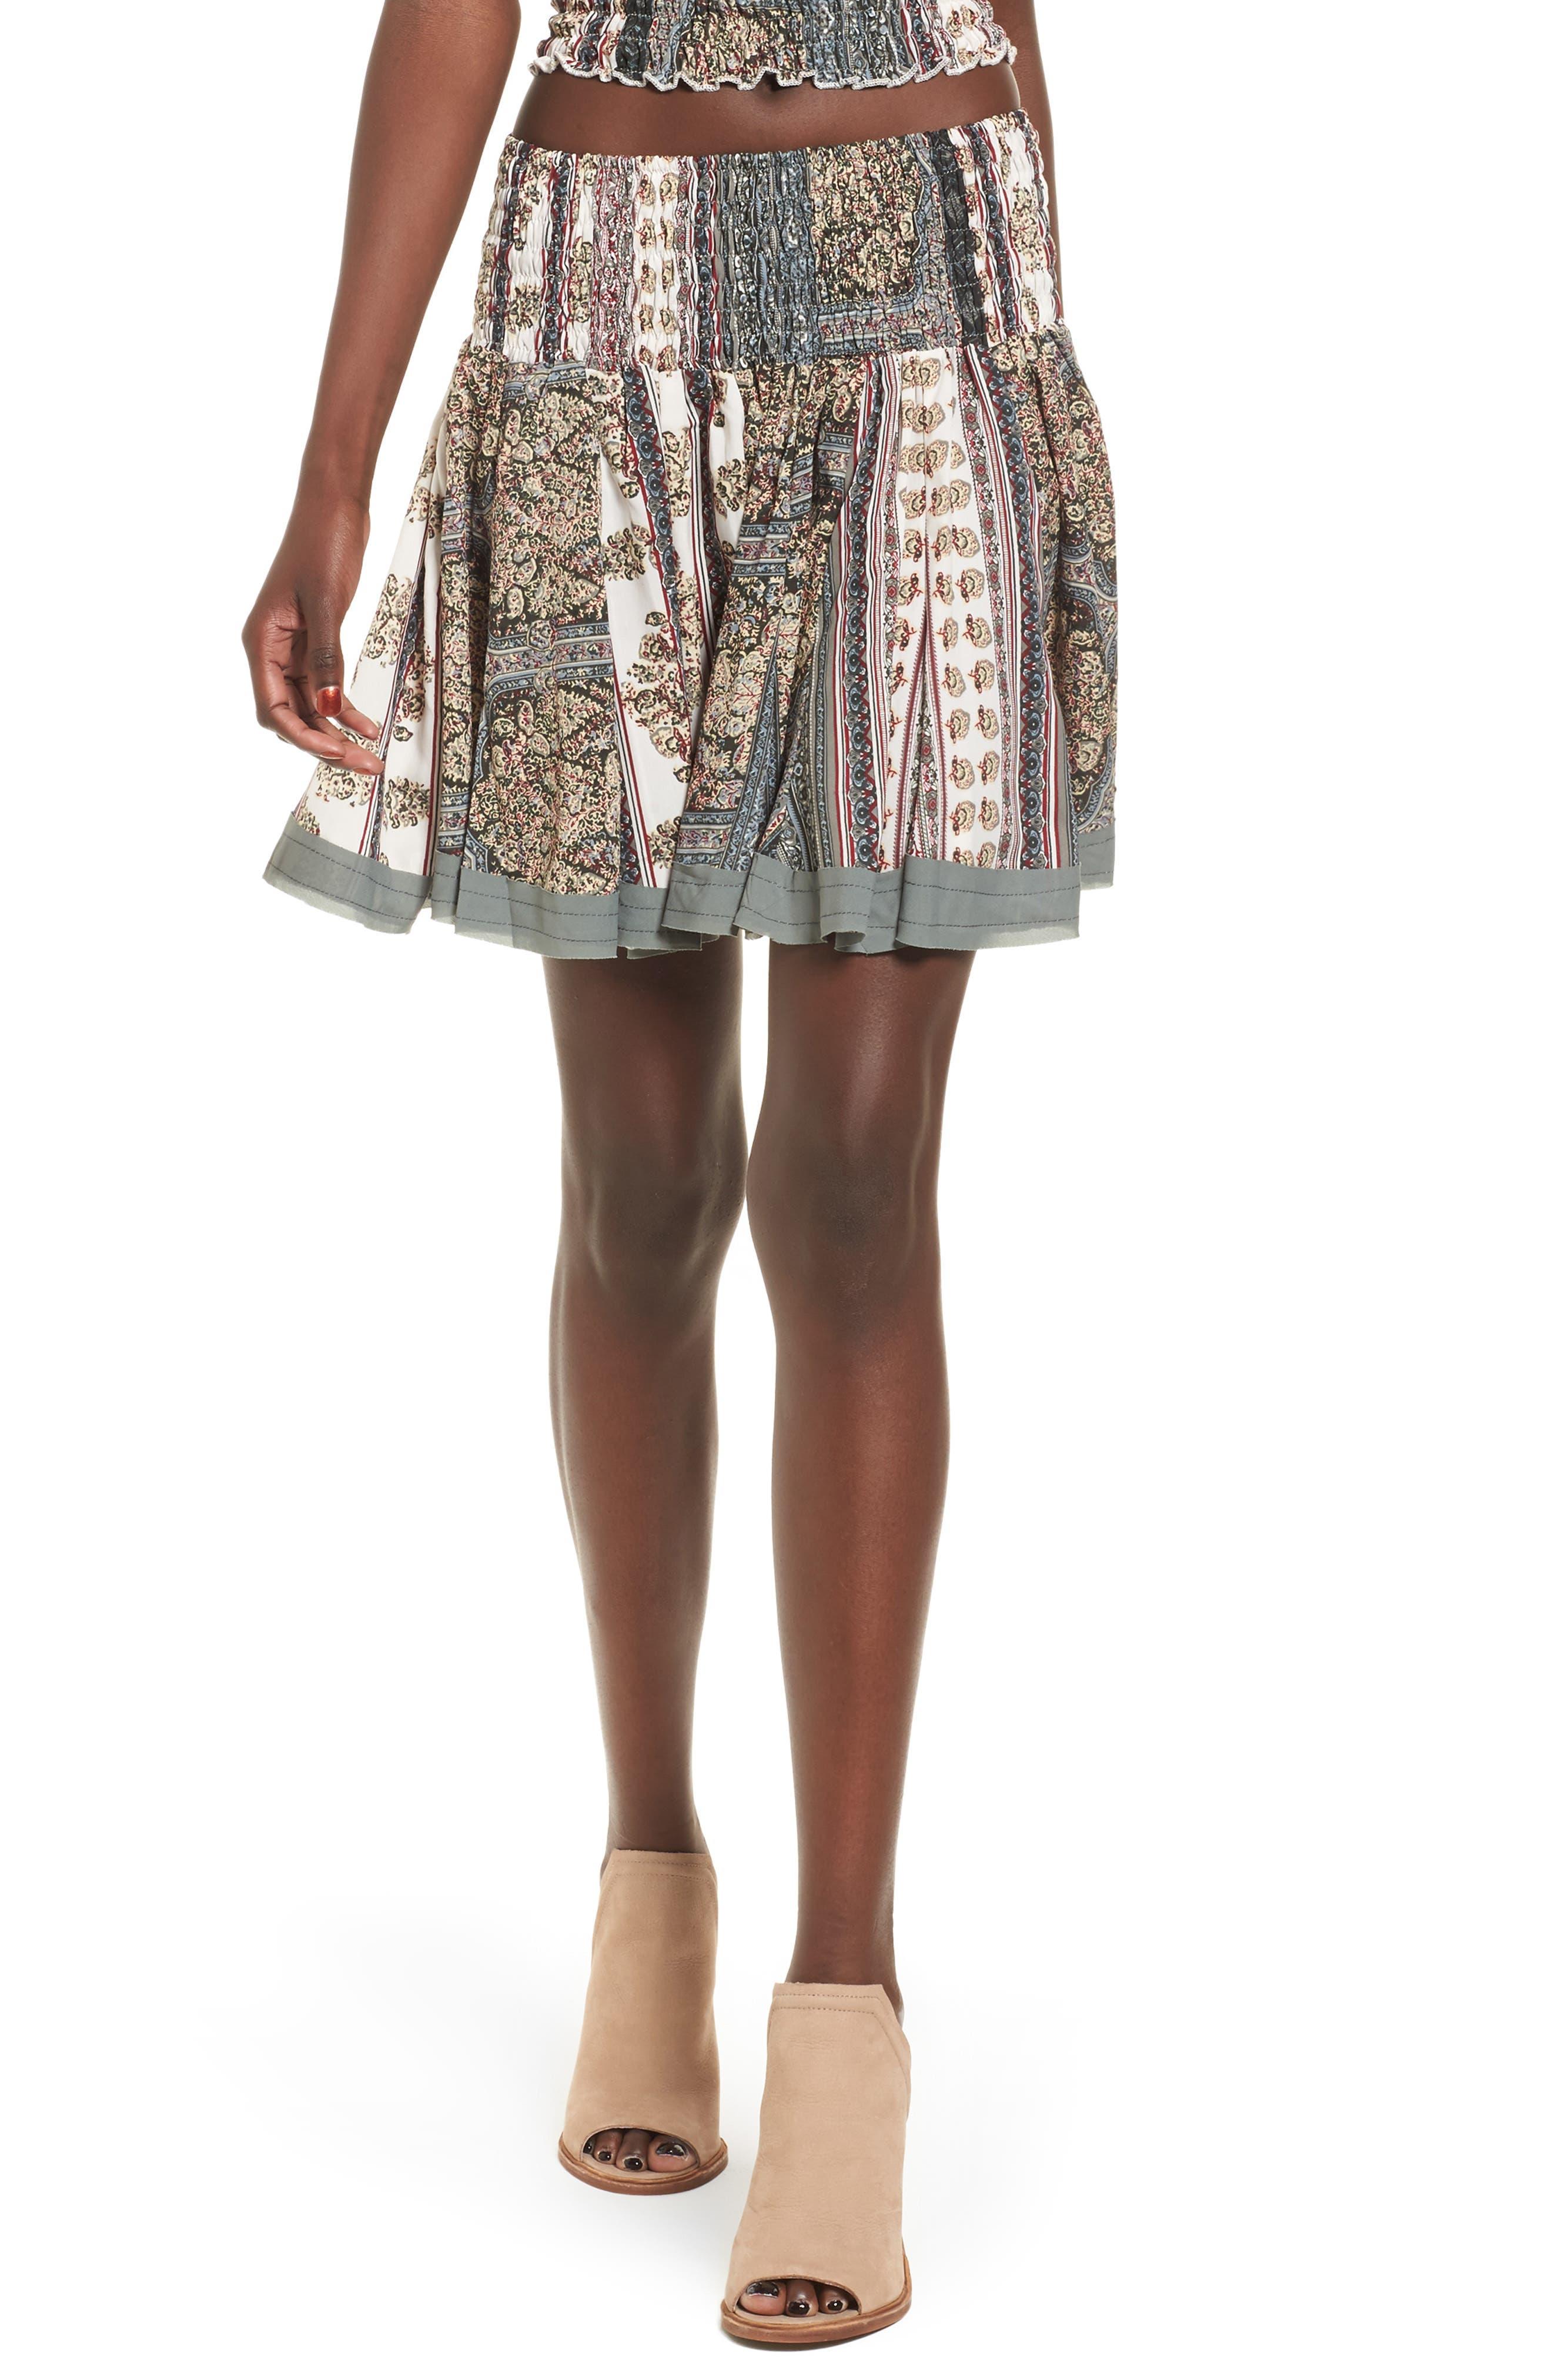 Raga Enchanted Dreams Smocked Skirt